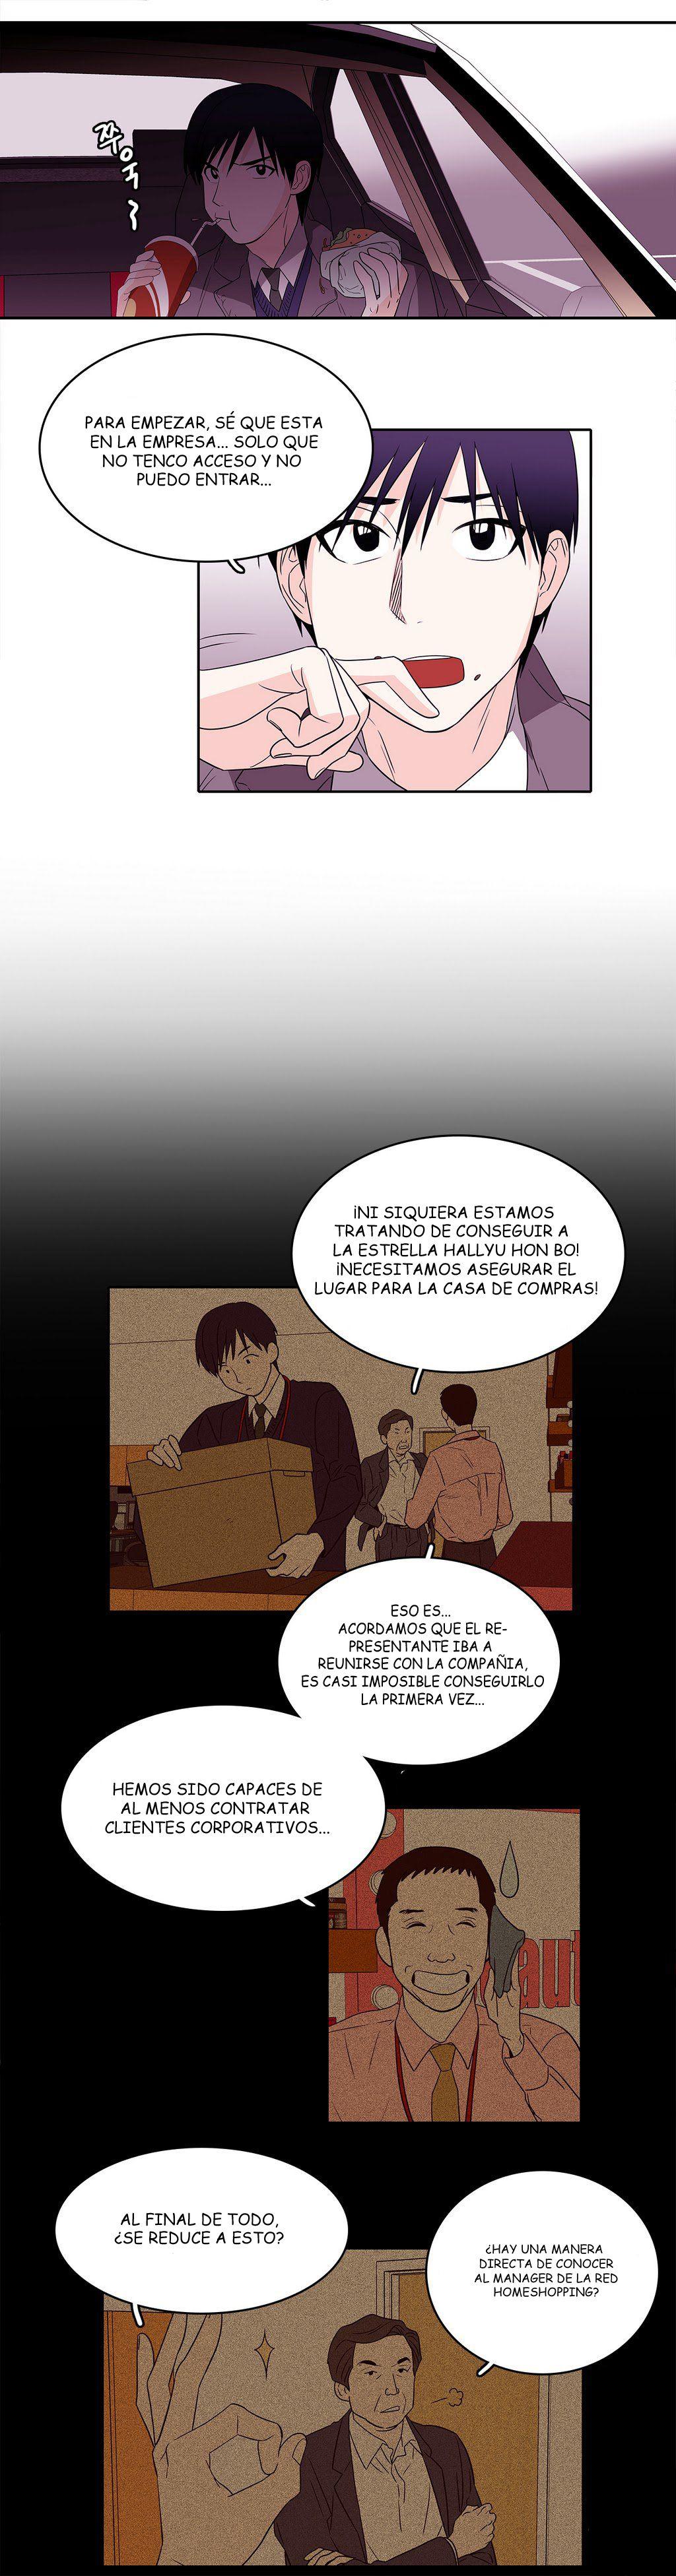 http://c5.ninemanga.com/es_manga/51/19443/461875/67b7a2e1f1d445a5e5f55d3f74f9f172.jpg Page 11